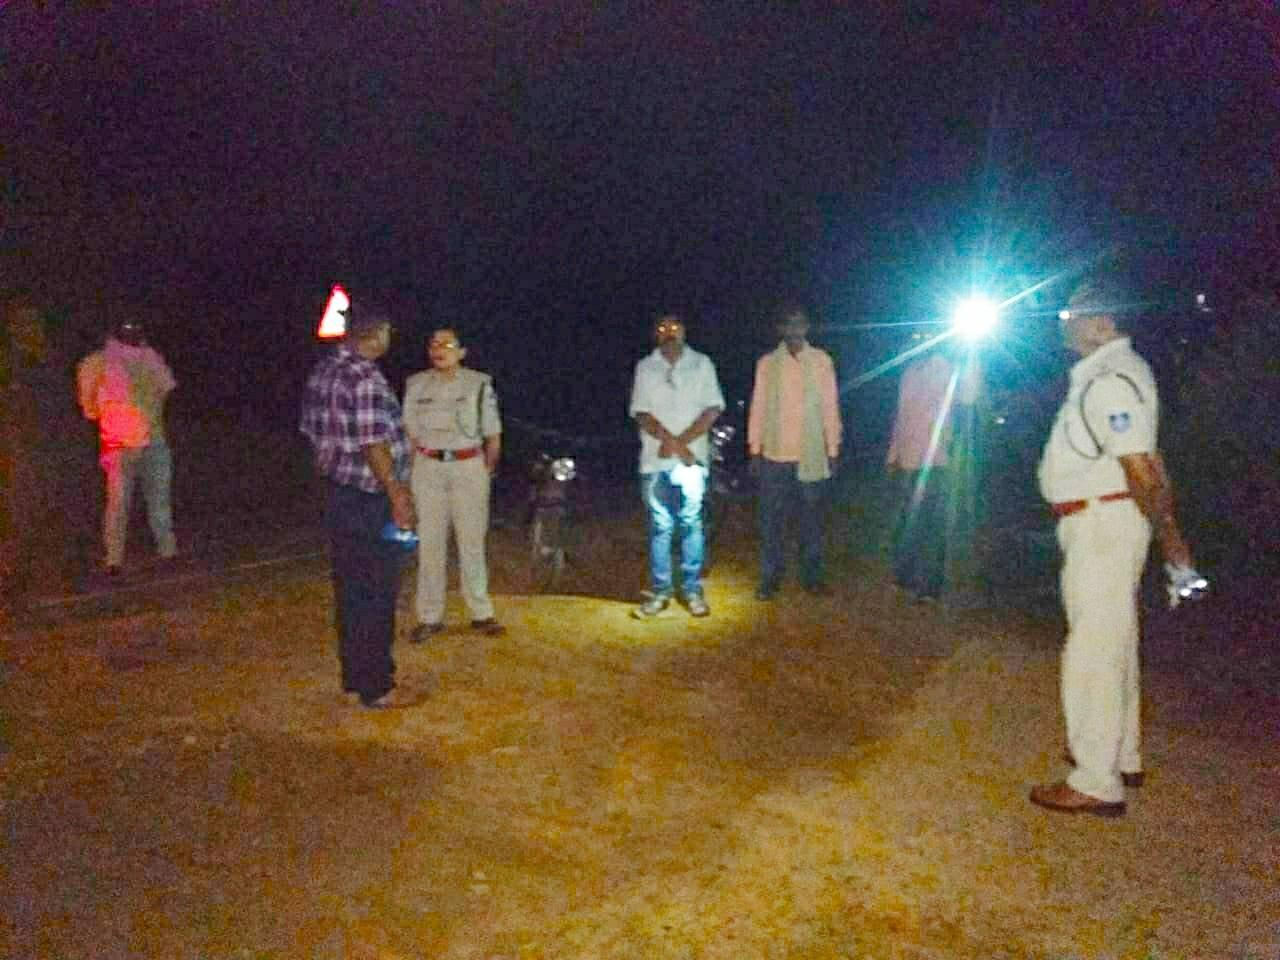 खेत में काम करने गए किसान की धारदार हथियार से हत्या, पुलिस ने अज्ञात बदमाशों के खिलाफ मामला किया दर्ज|जबलपुर,Jabalpur - Dainik Bhaskar